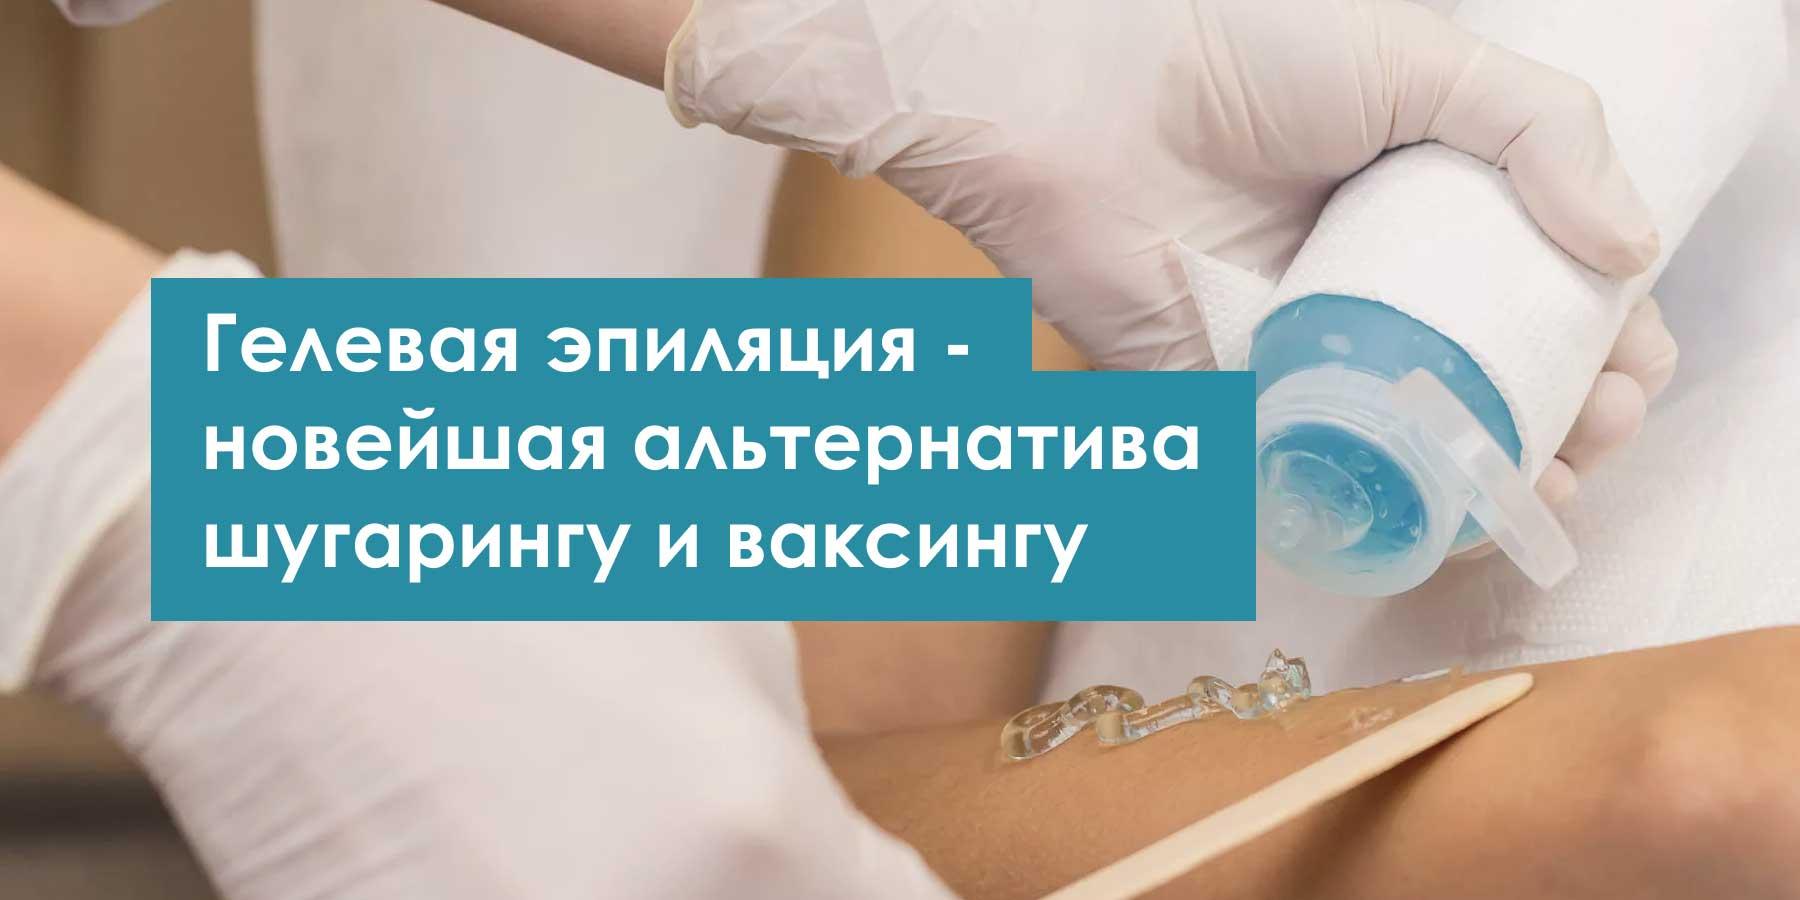 Новейшая альтернатива шугарингу и ваксингу – гелевая эпиляция